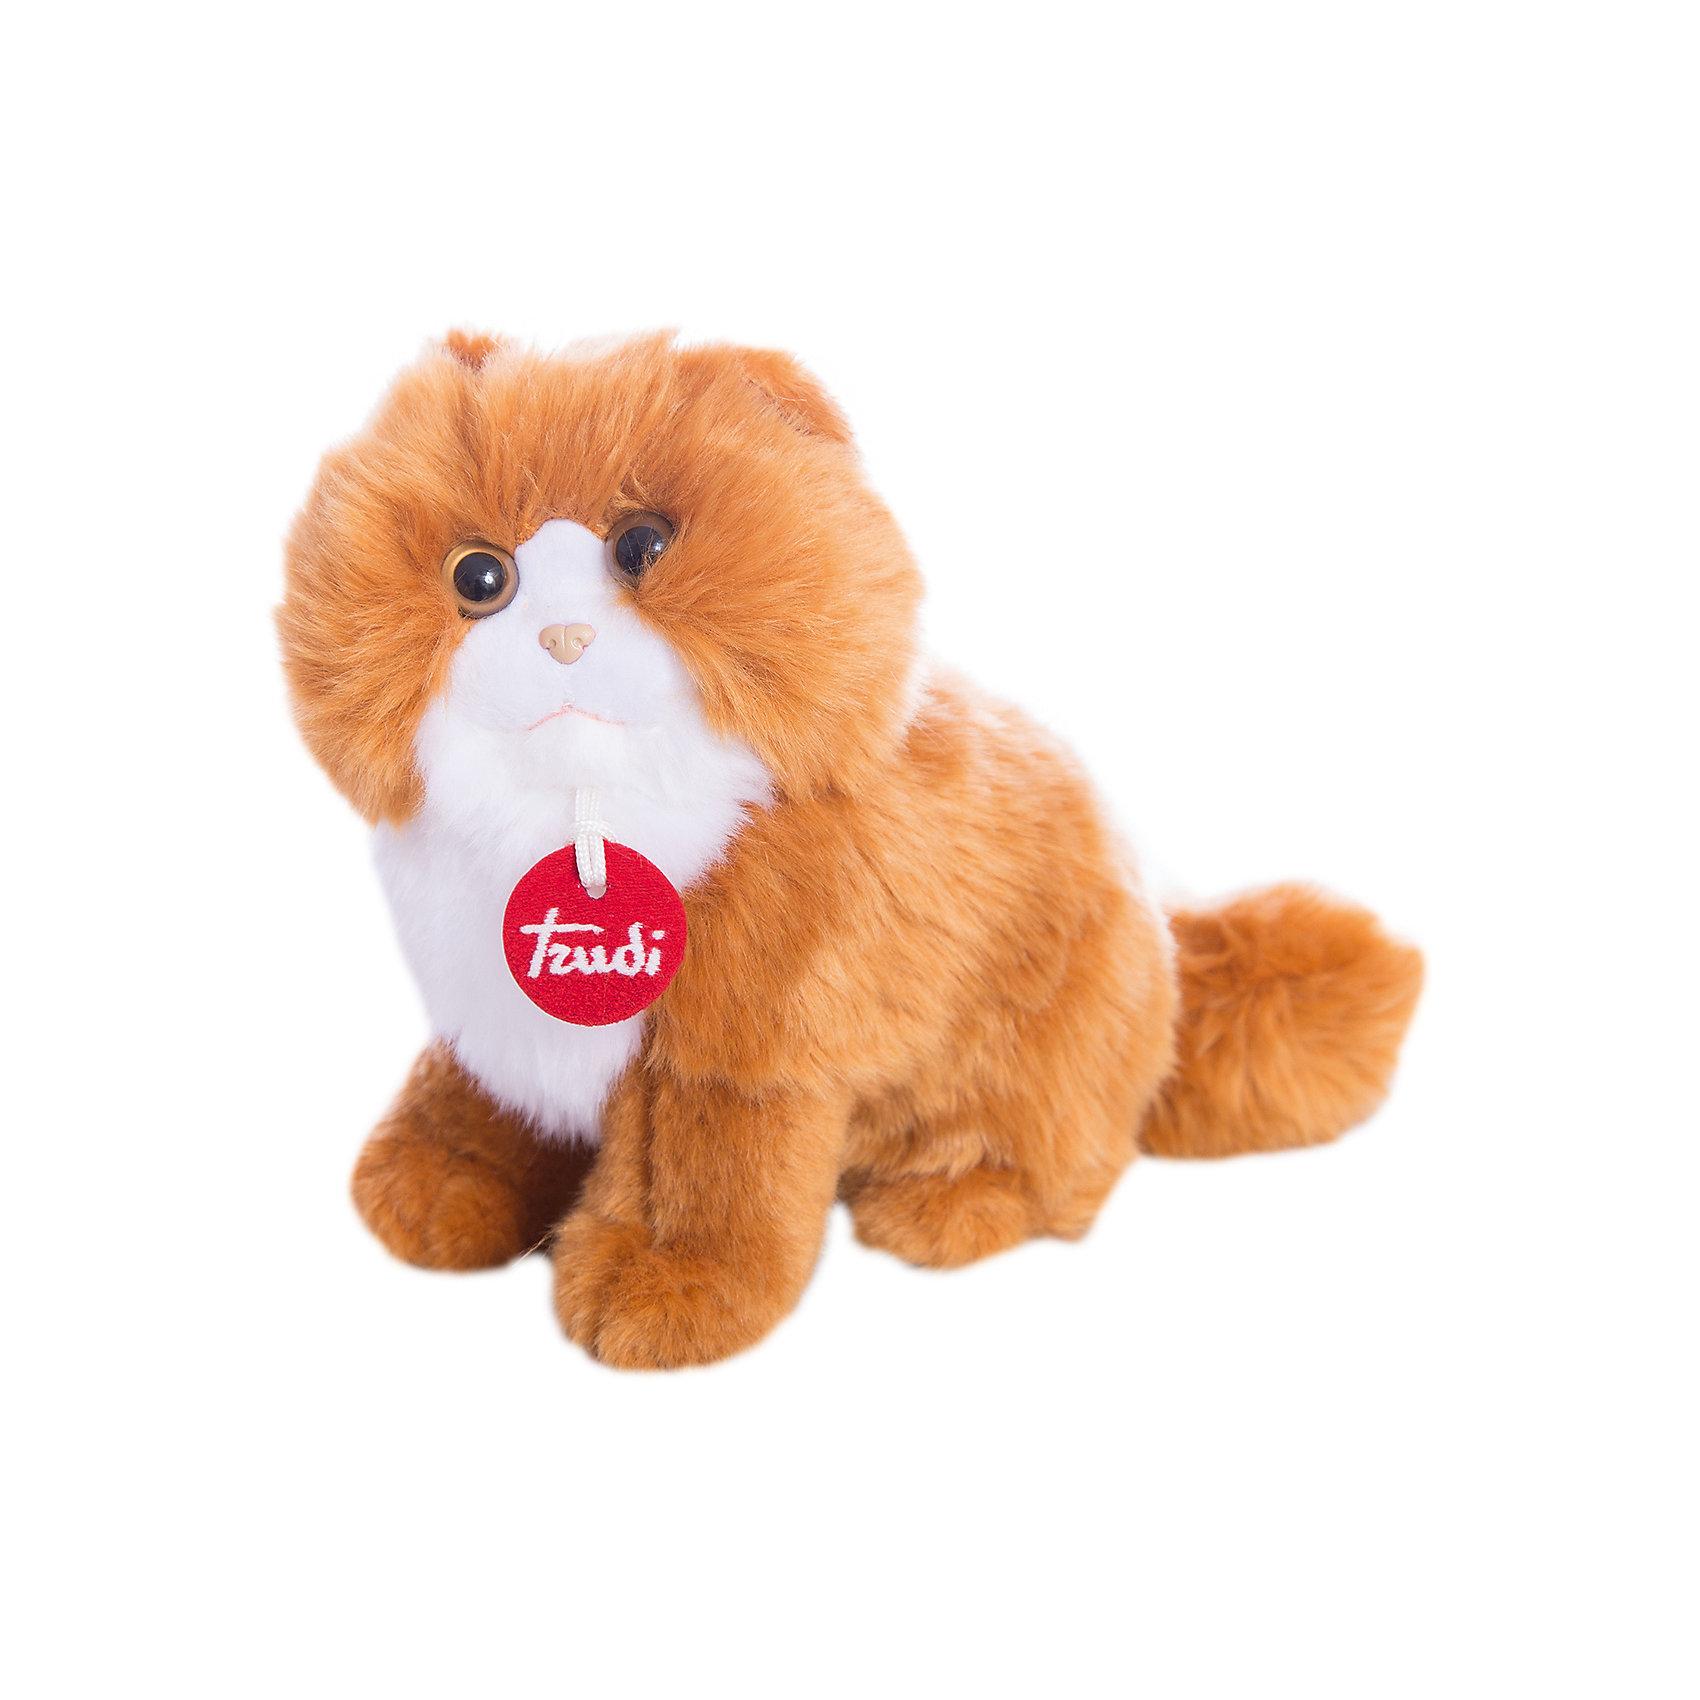 Рыжая персидская кошка, 23 см, TrudiРыжая персидская кошка от Trudi очарует и детей и взрослых! Мягкая шерстка кошечки очень приятна на ощупь, маленький носик и озорные глазки приведут в восторг любого ребенка. С этой милой киской будет очень весело играть, придумывая разные истории, и спокойно и уютно засыпать ночью. Игрушка изготовлена из высококачественных нетоксичных гипоаллергенных материалов абсолютно безопасных для самых маленьких детей.<br><br>Дополнительная информация:<br><br>- Материал: пластик, текстиль, искусственный мех. <br>- Высота: 23 см. <br><br>Рыжую персидскую кошку, 23 см, Trudi (Труди), можно купить в нашем магазине.<br><br>Ширина мм: 140<br>Глубина мм: 140<br>Высота мм: 230<br>Вес г: 120<br>Возраст от месяцев: 12<br>Возраст до месяцев: 2147483647<br>Пол: Унисекс<br>Возраст: Детский<br>SKU: 5055263